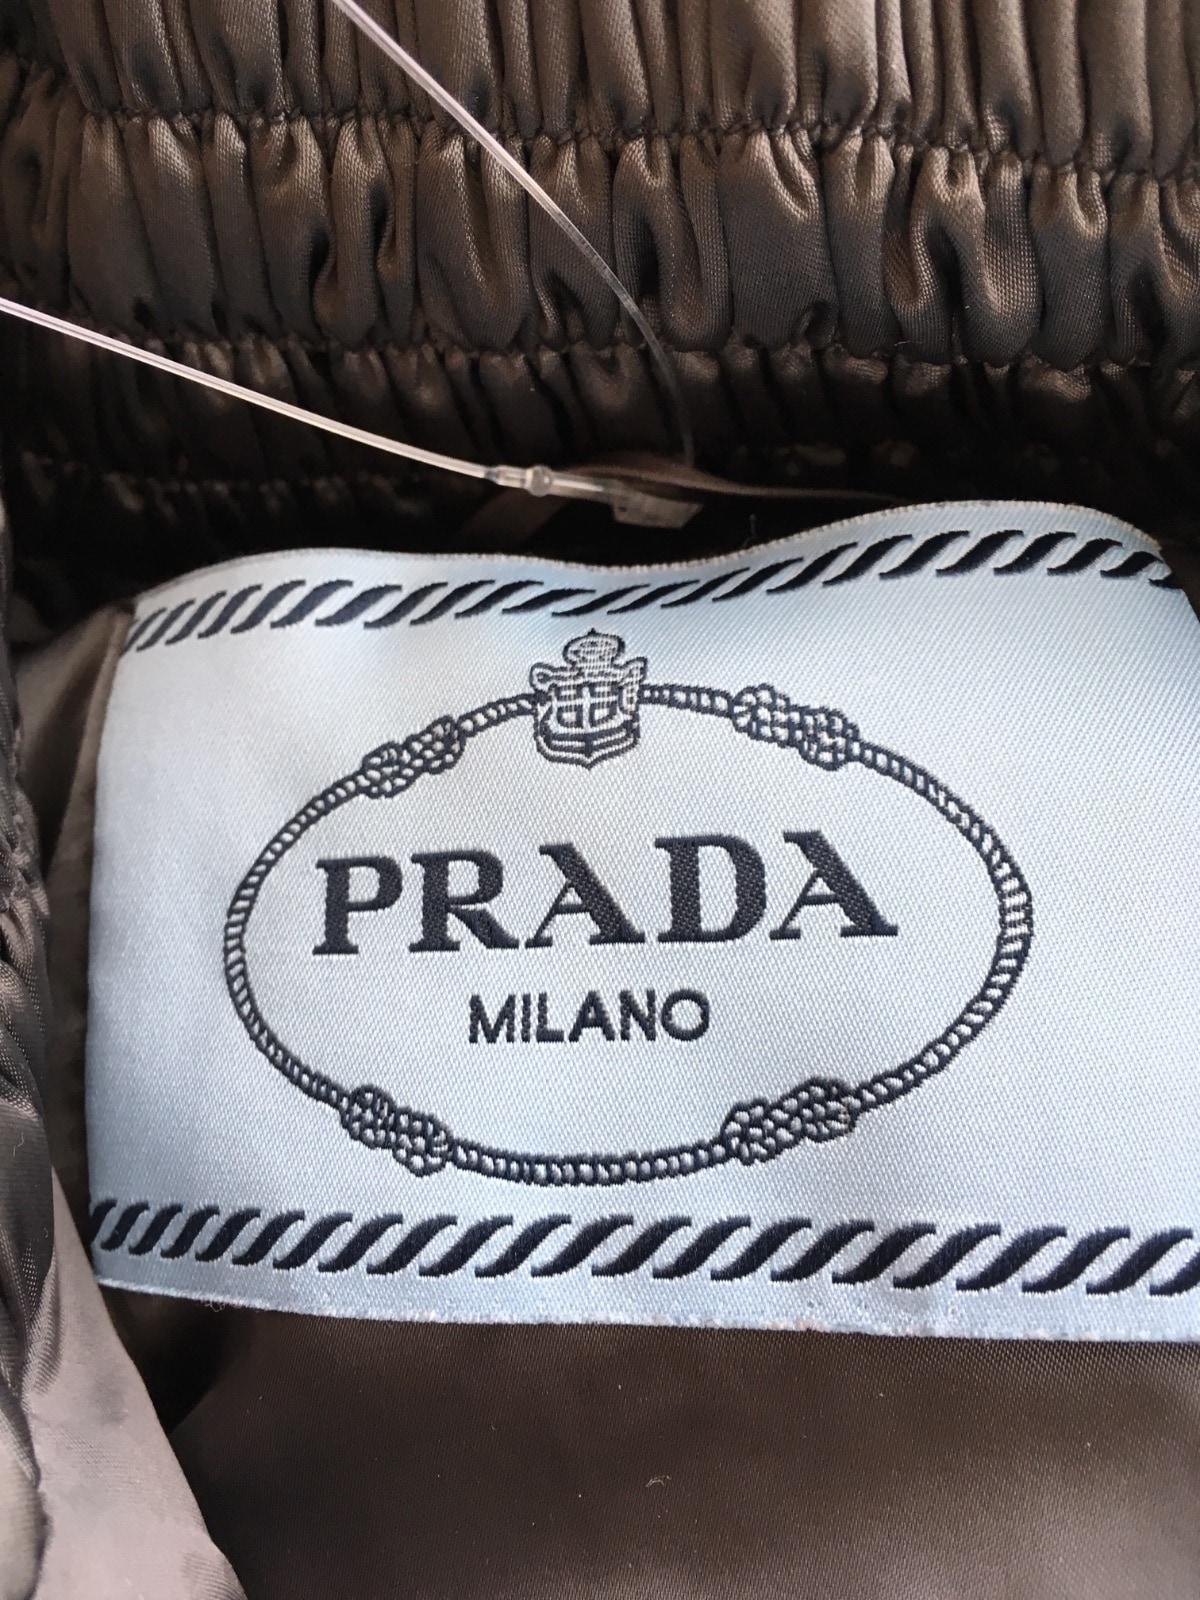 PRADA(プラダ)のダウンコート